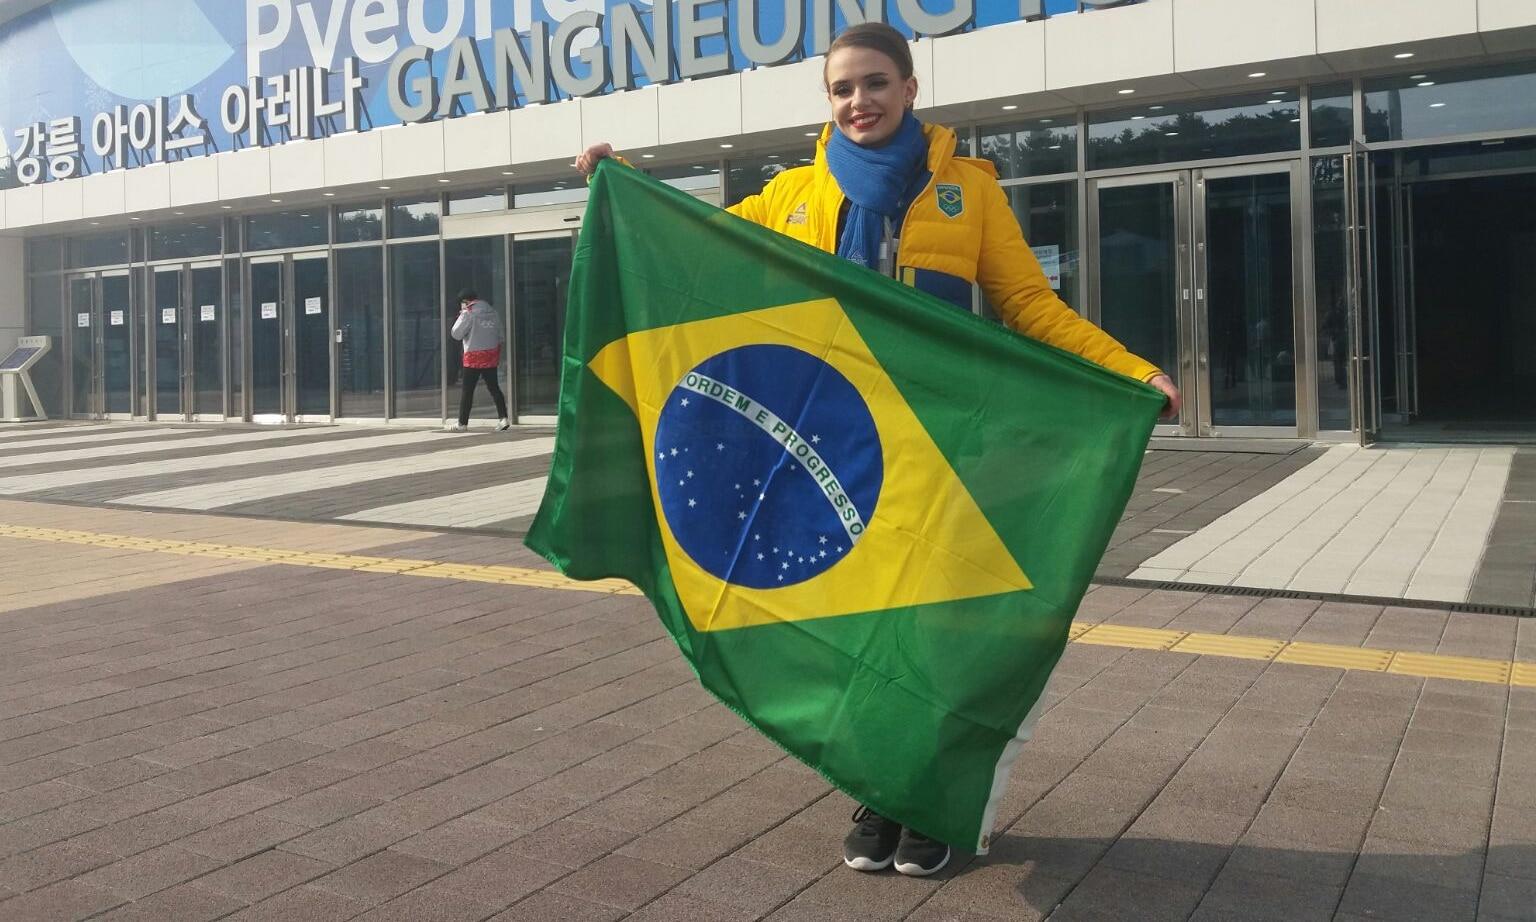 Isadora Williams com a bandeira do Brasil nos Jogos Olímpicos de Inverno de PyeongChang, em 2018